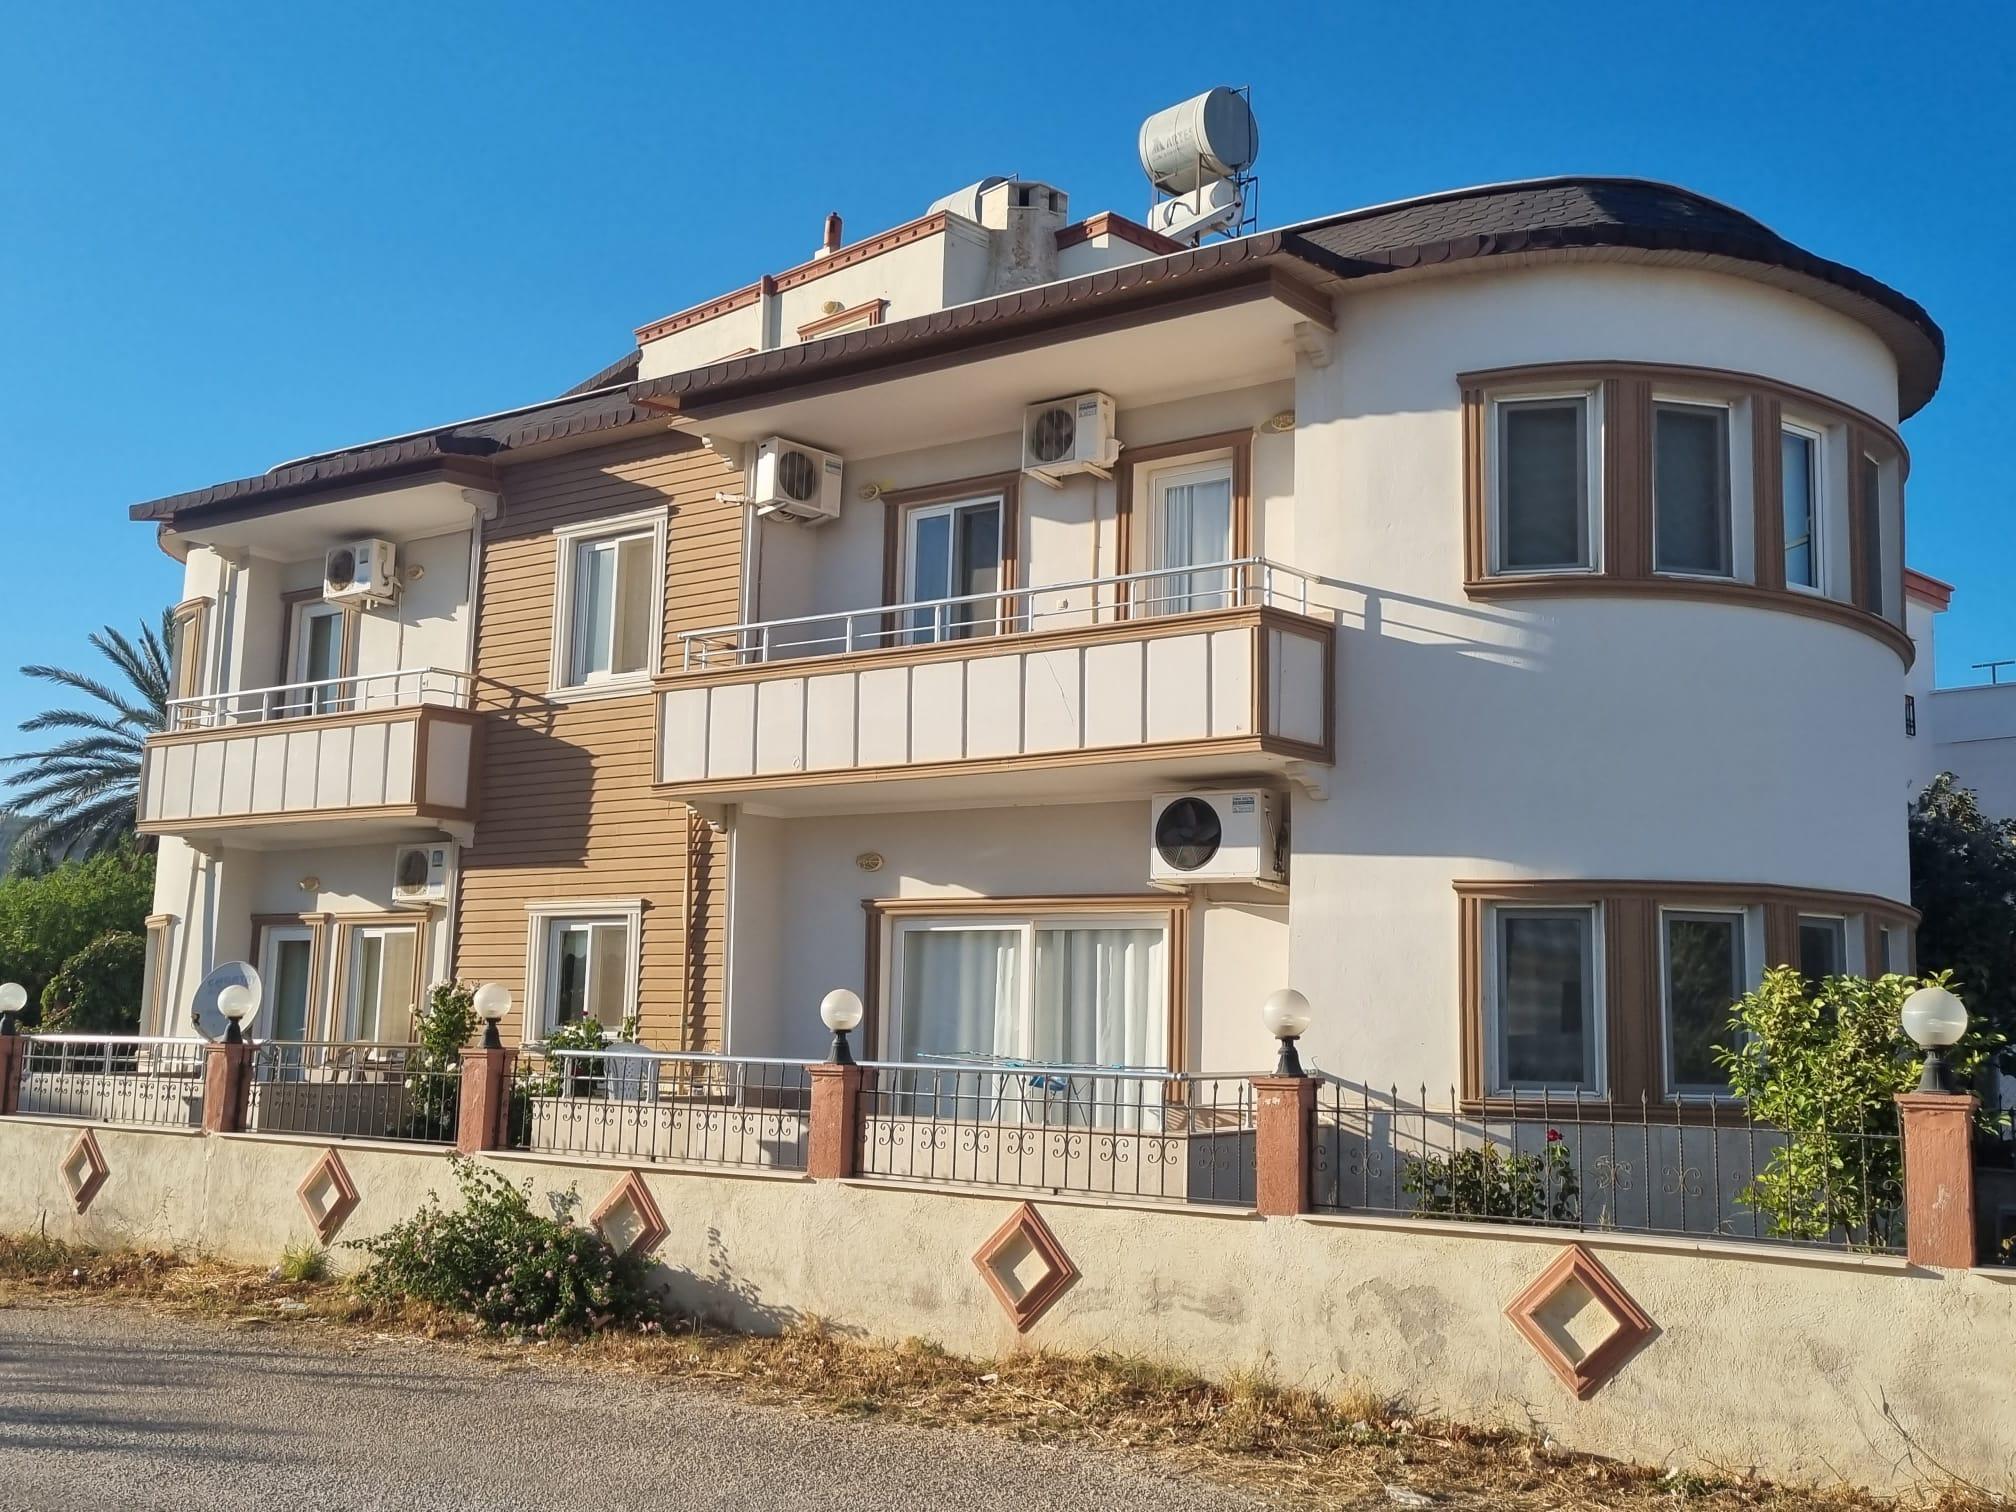 ACİL SATILIK Taşucu Reşadiye Mahallesinde Satılık Müstakil 4+1 ve 2+1 Villa